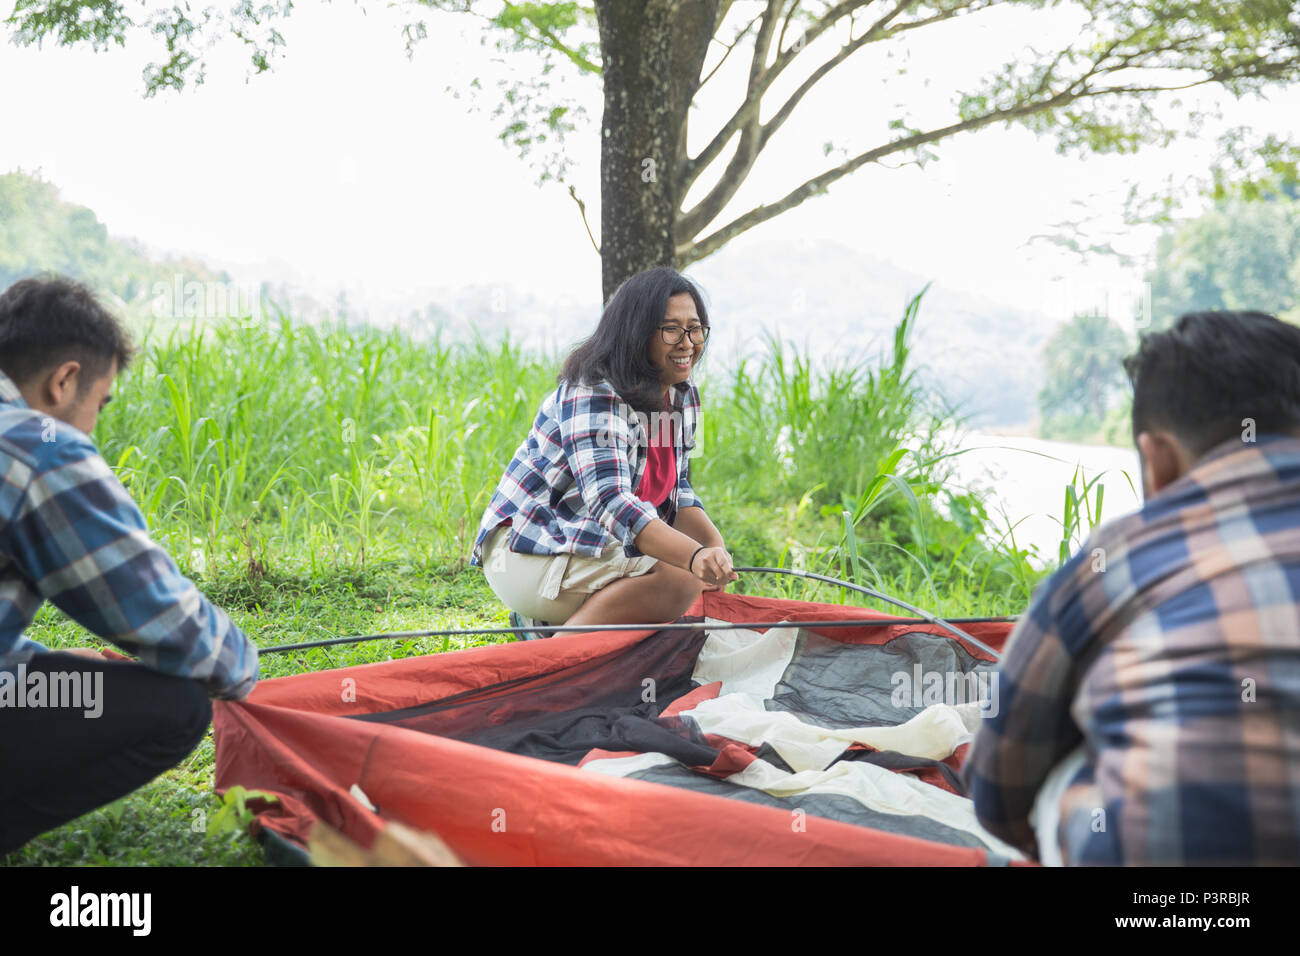 Amici escursionista imposta la tenda Immagini Stock